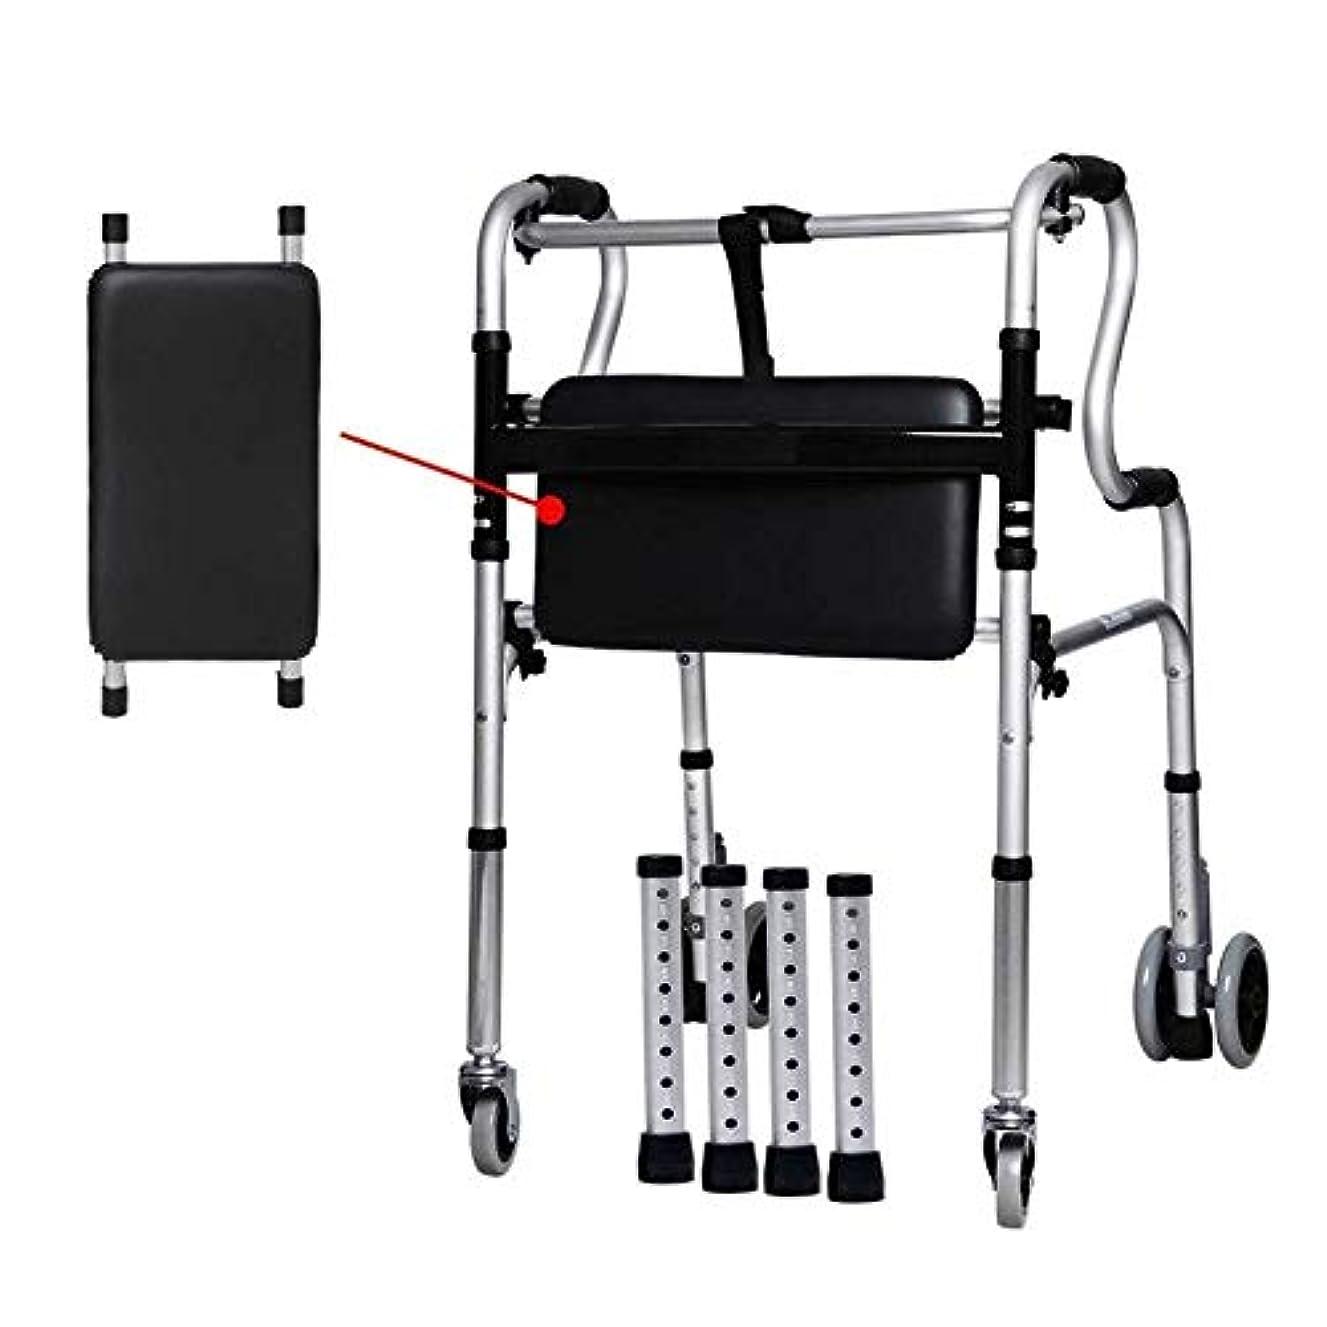 割り込み傘贅沢な車輪が付いている折る歩行者、不具の高齢者のためのロックできるブレーキが付いている軽いアルミ合金4輪歩行者